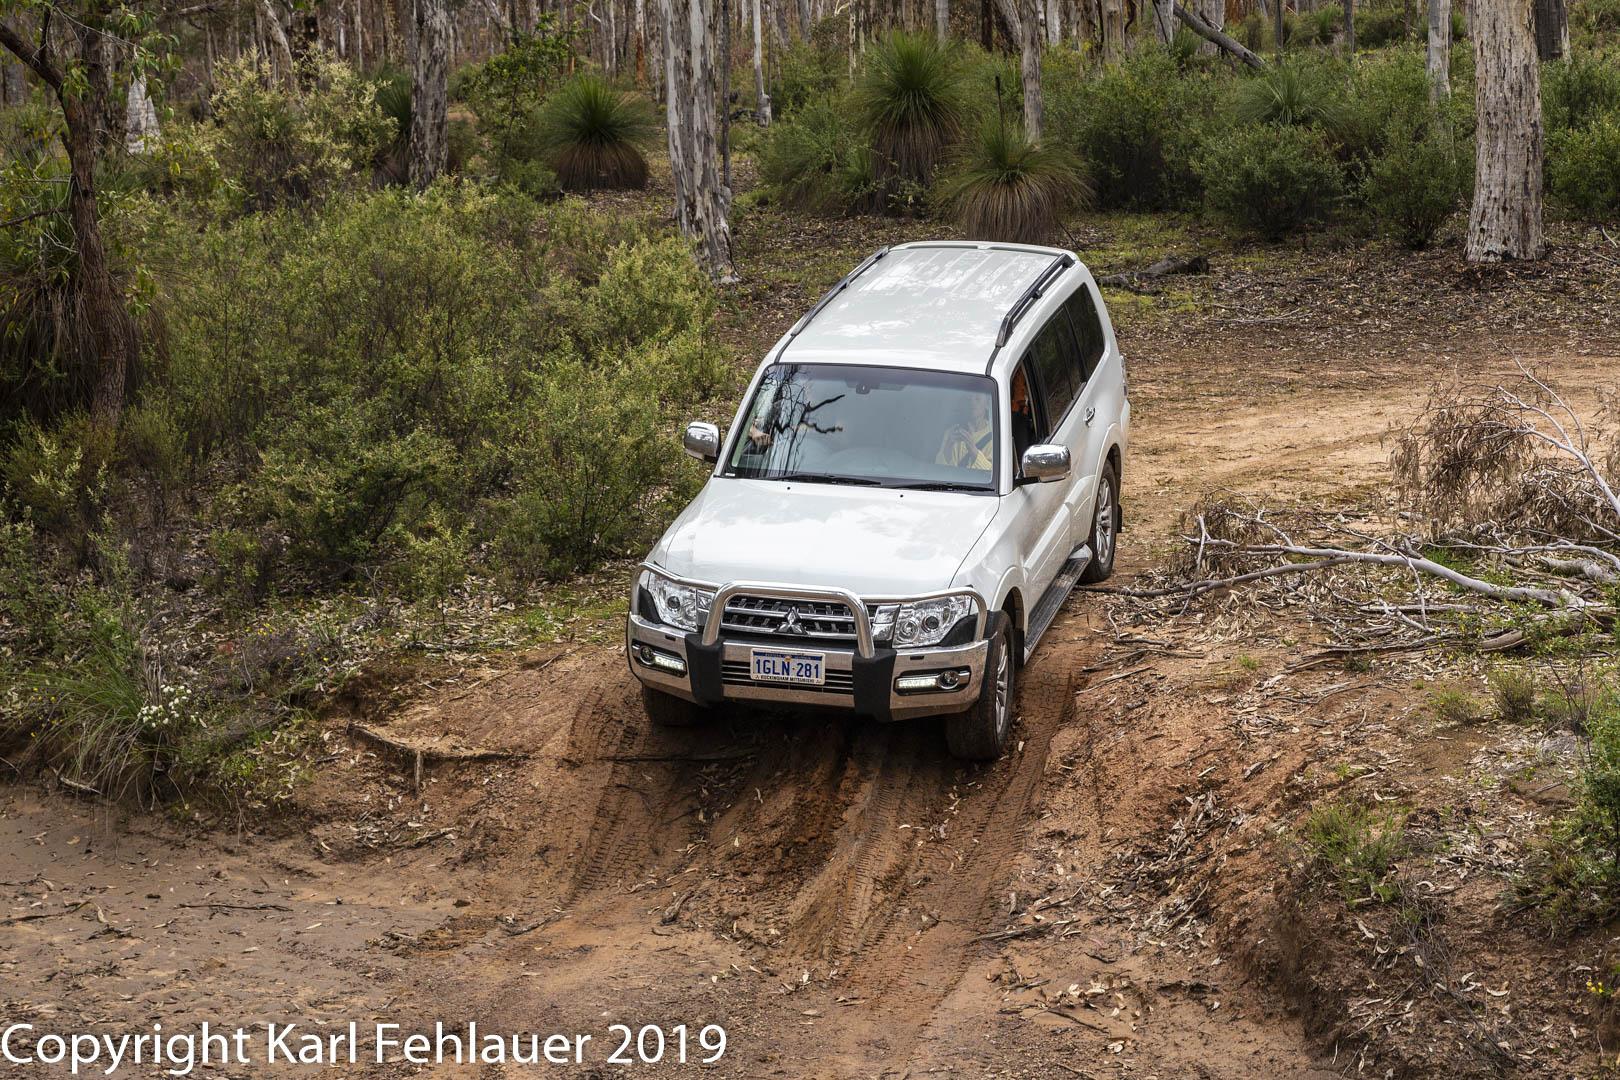 2019-10-05 4WD - 020-Edit.jpg